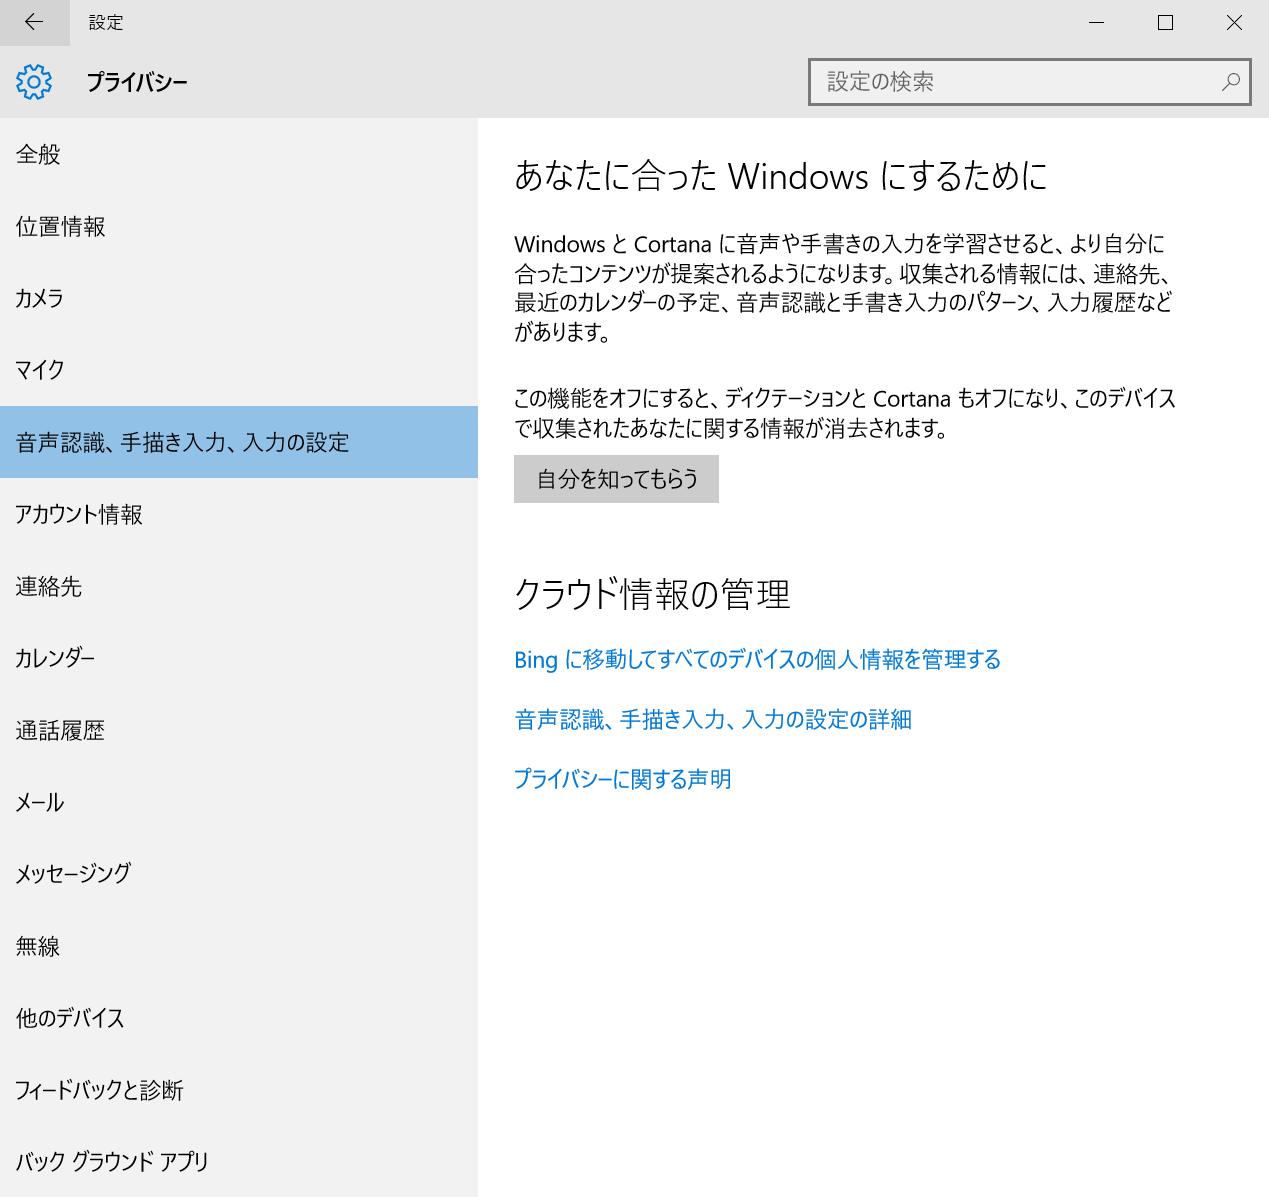 windows10-privacy_configuration7